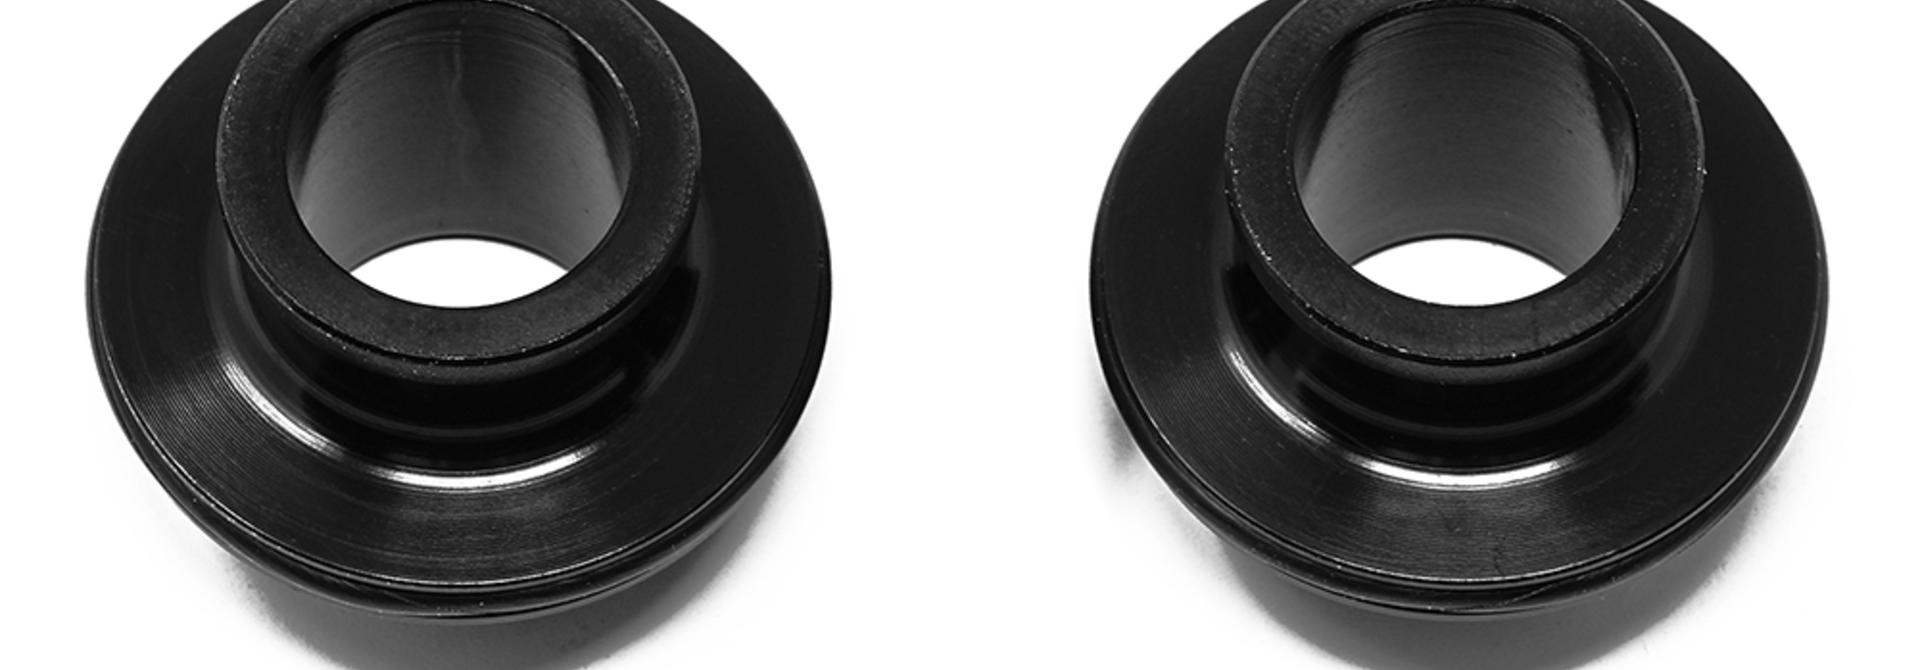 1/1 & Centre Lock Front 15mm Endcaps (OEKMA03)